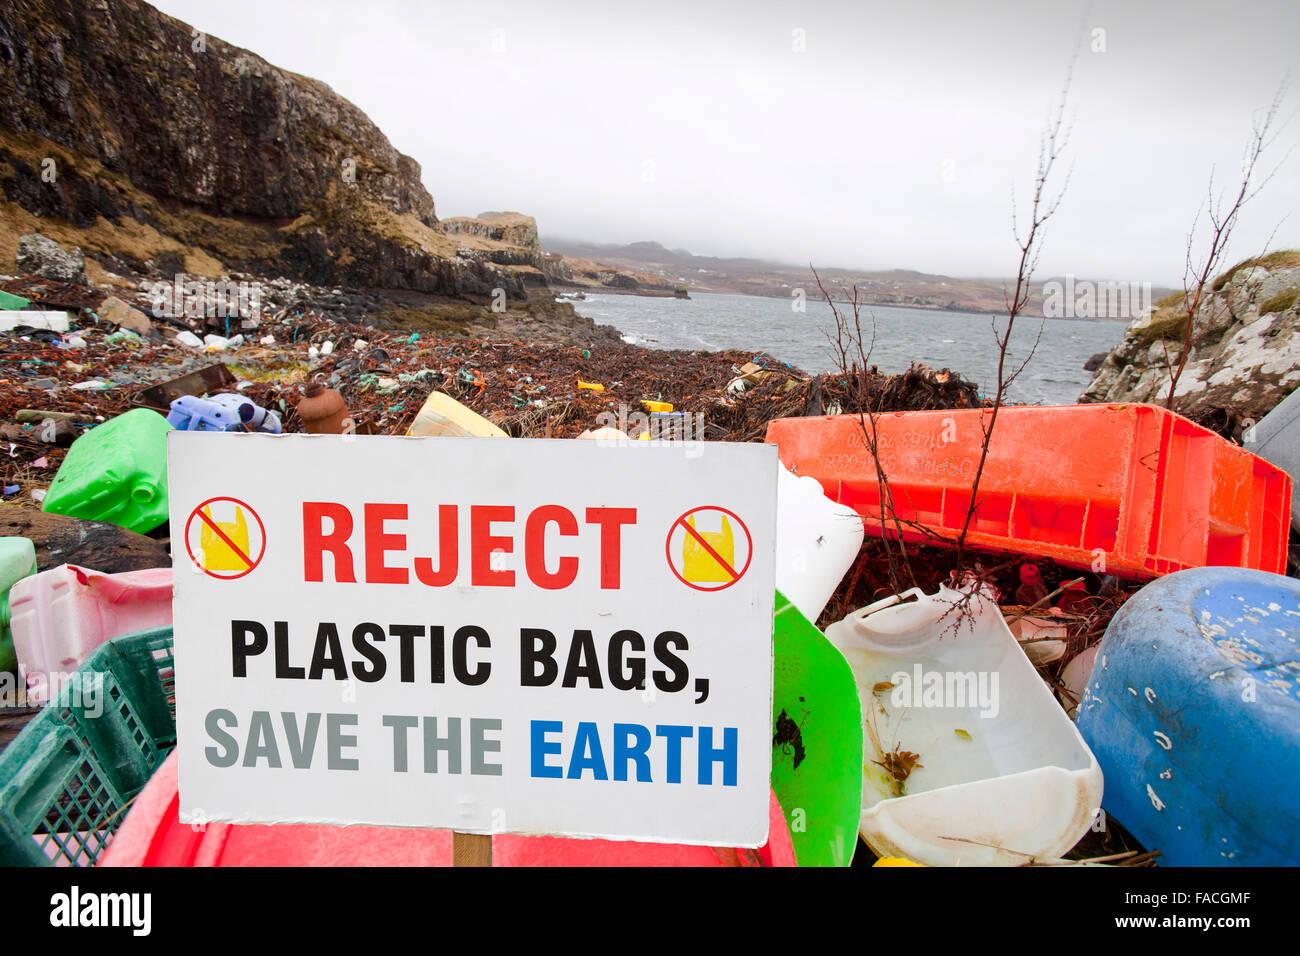 Des débris de plastique s'est échoué à Ardtreck Bay sur l'île de Skye, Écosse, Royaume-Uni. Banque D'Images